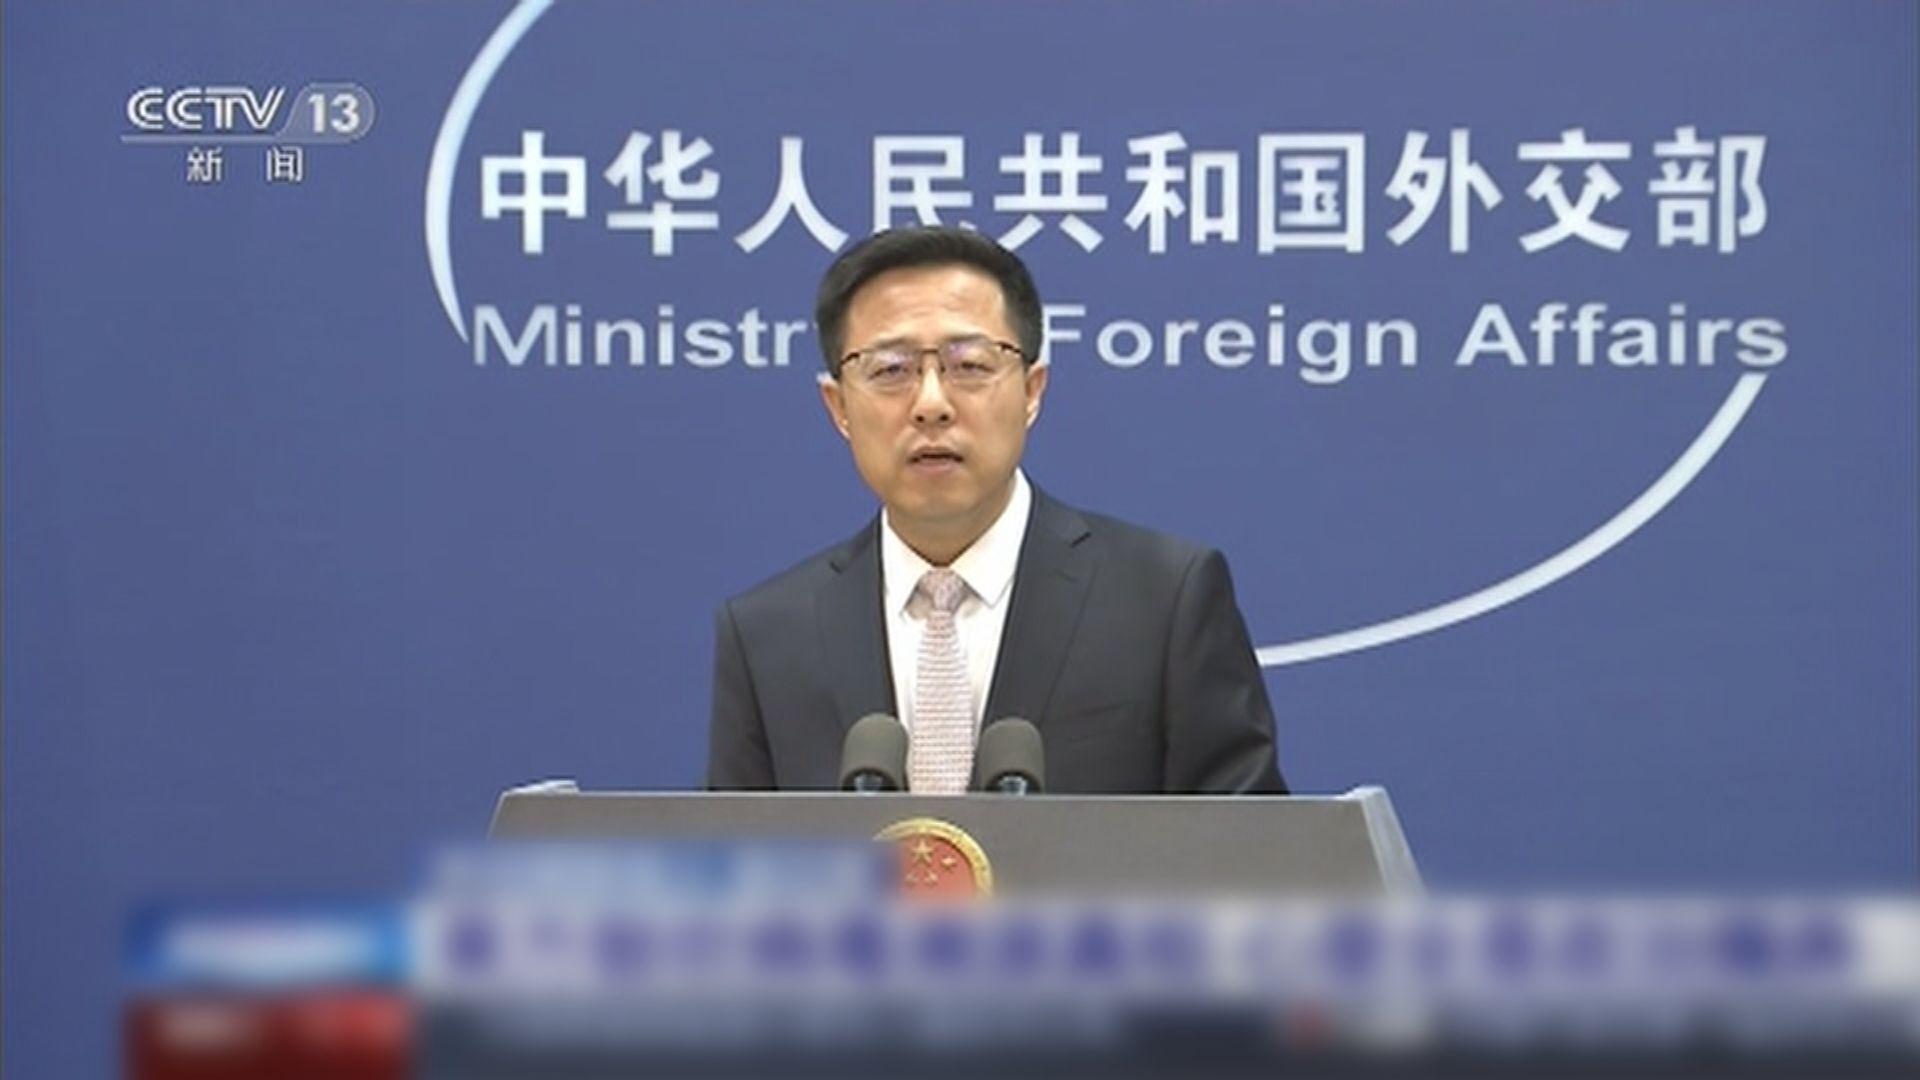 外交部:中國率先支持世衛開展新冠病毒溯源工作 促美國與世衛合作